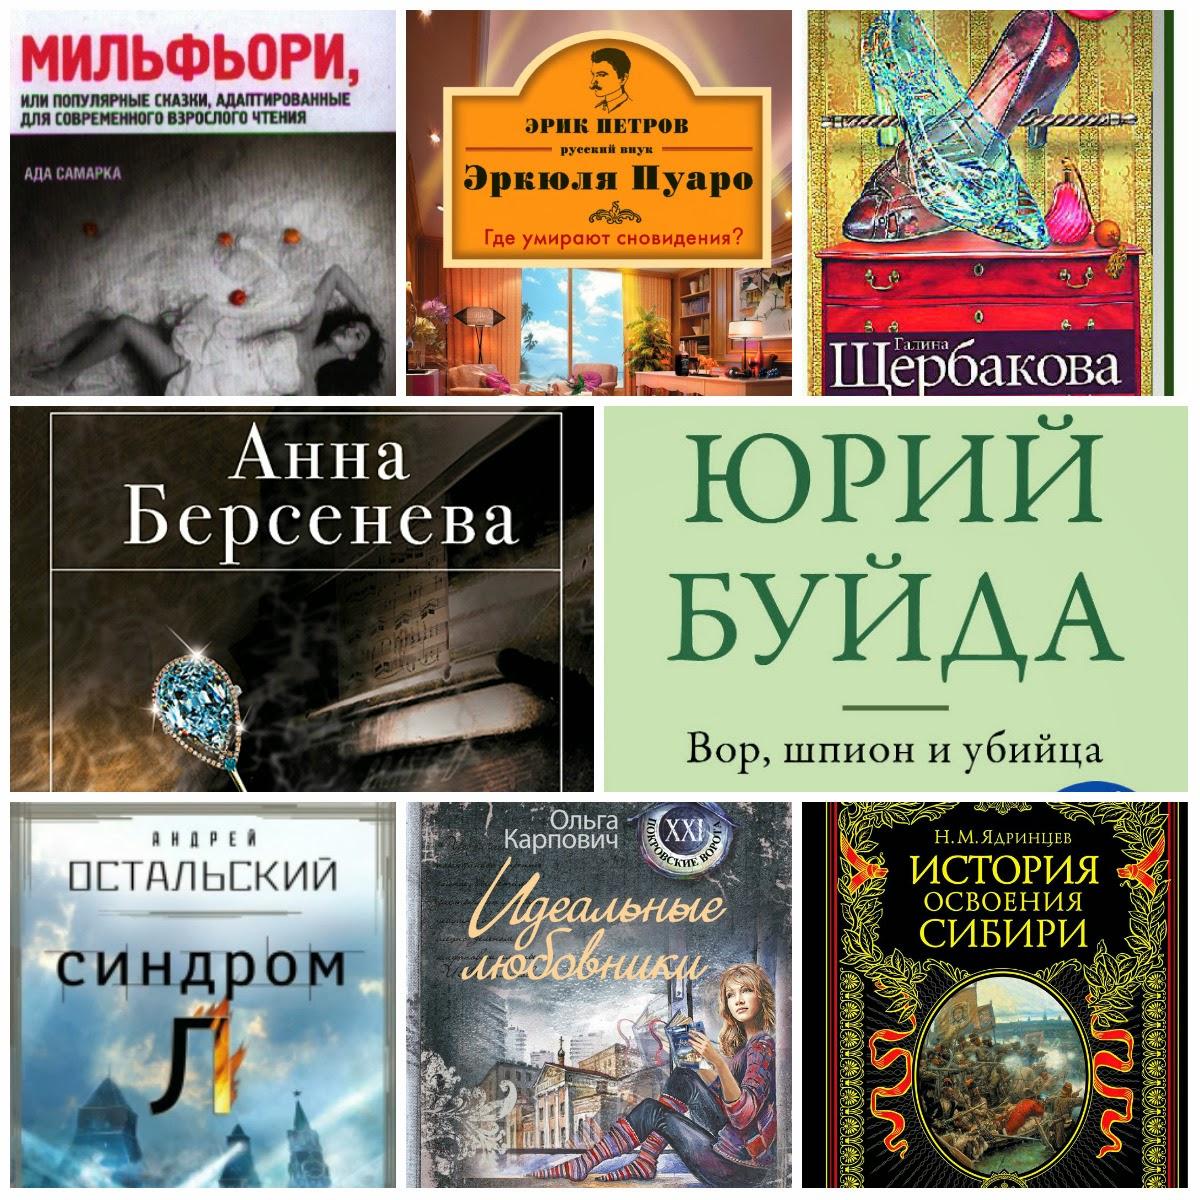 Книги список фантастика и приключения